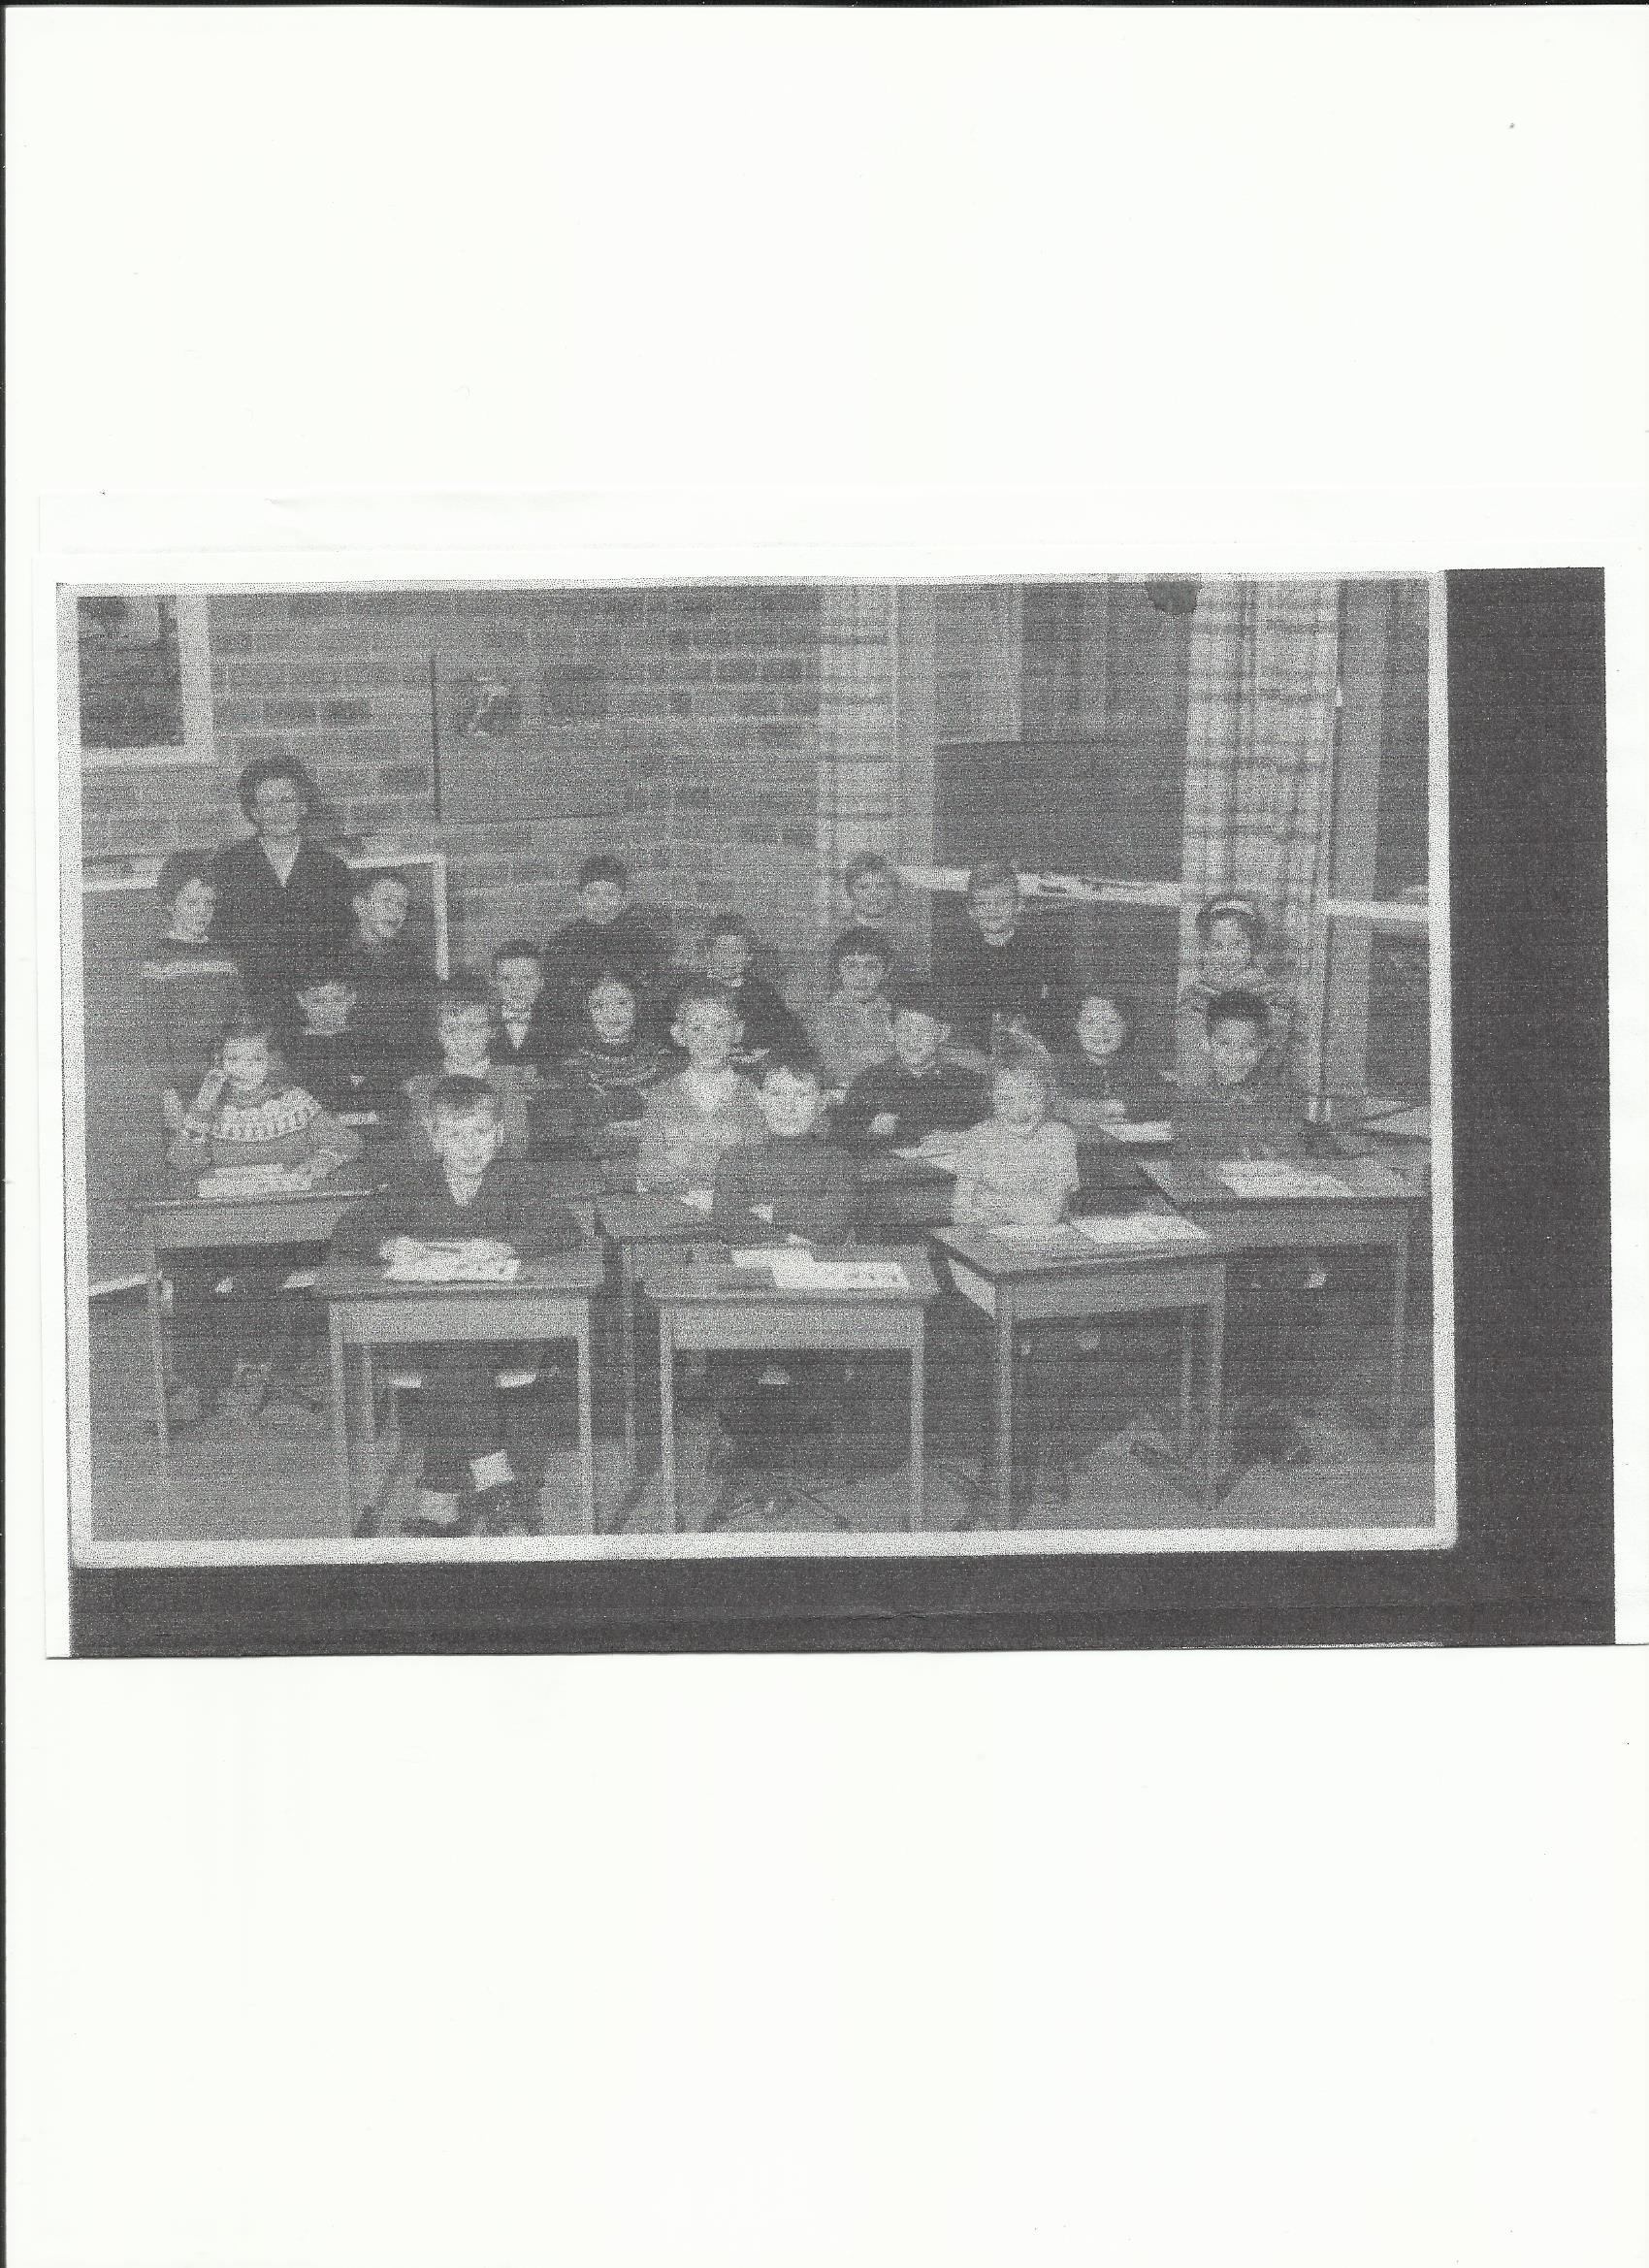 de Parkenschool voorheen Rijksleerschool foto